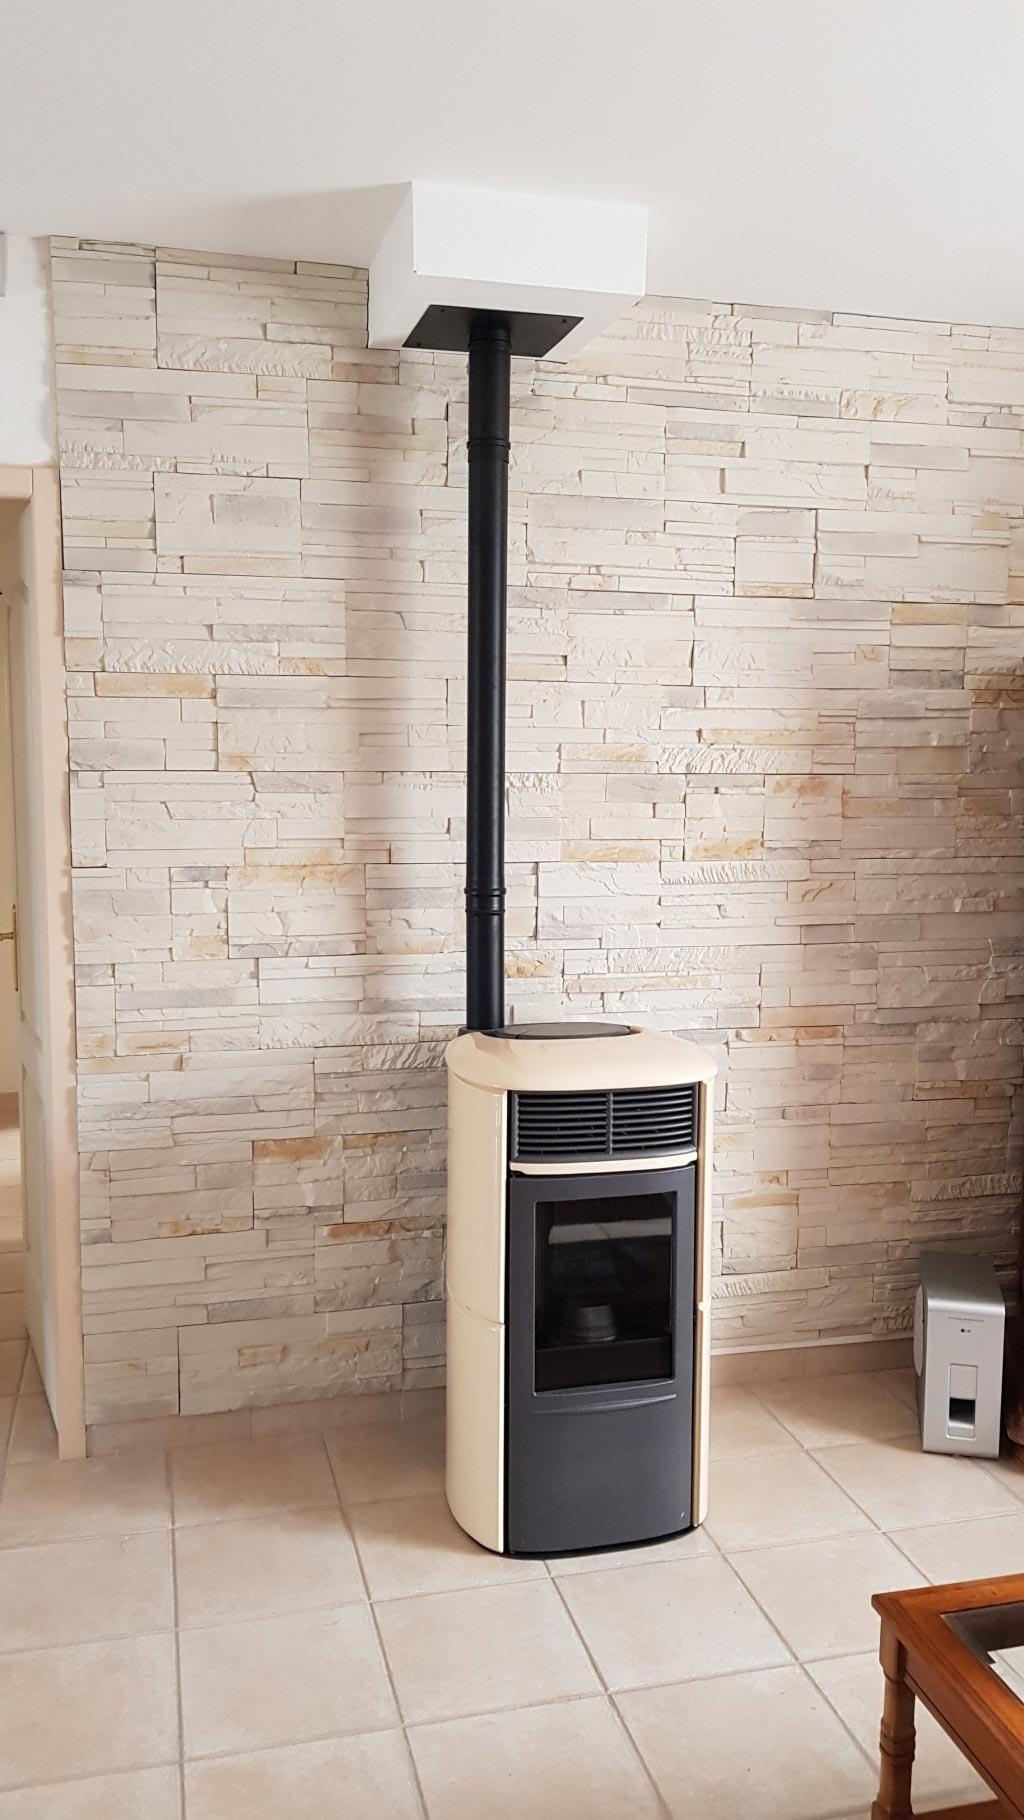 installation d 39 un po le aux granul s de bois pellets aris edilkamin 45 300 pithiviers le vieil. Black Bedroom Furniture Sets. Home Design Ideas